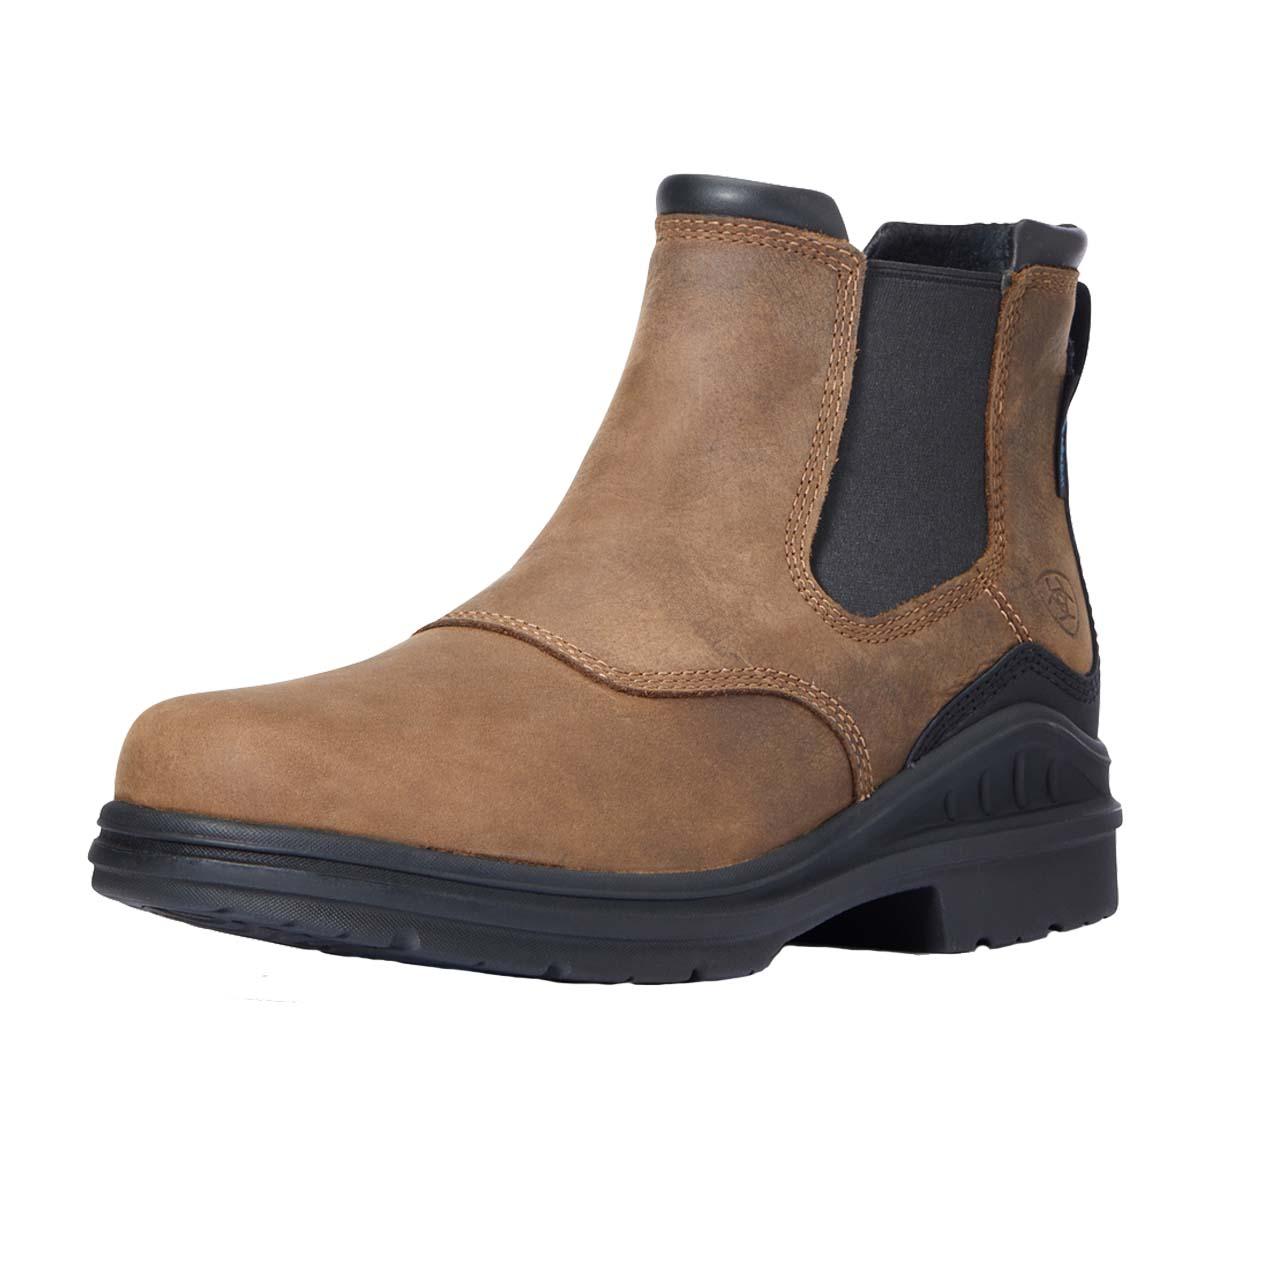 Ariat Barnyard Twin Gore II heren schoenen donkerbruin maat:44.5